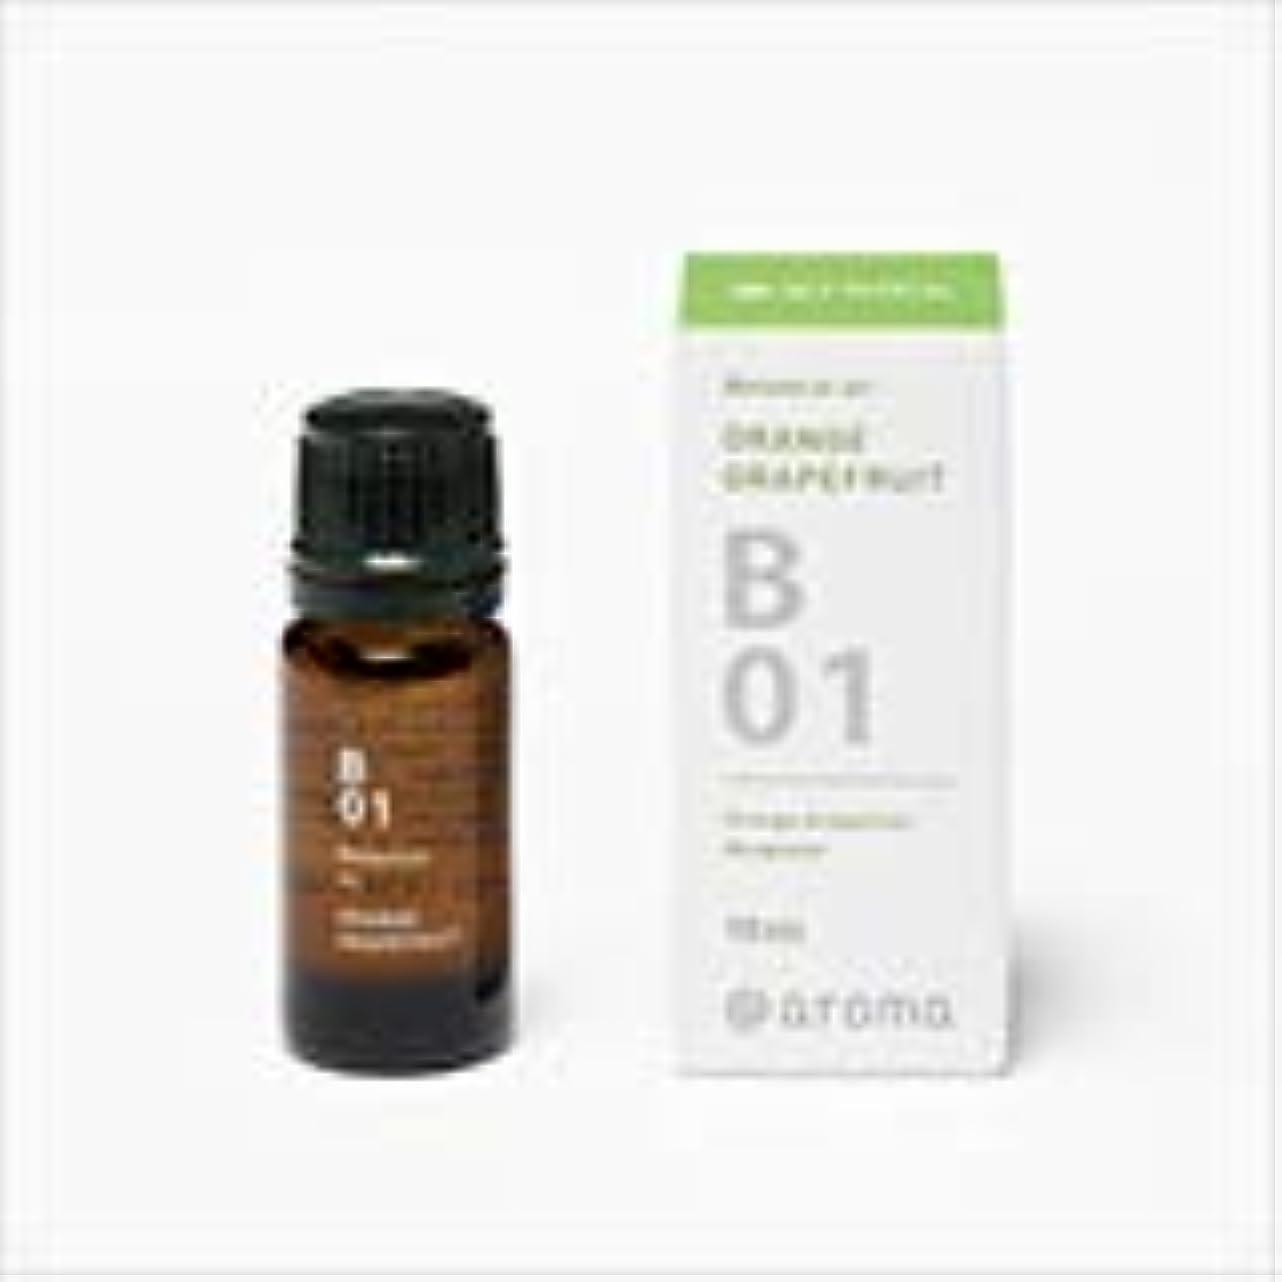 比率計り知れない罪アットアロマ 100%pure essential oil <Botanical air ジュニパーシダー>